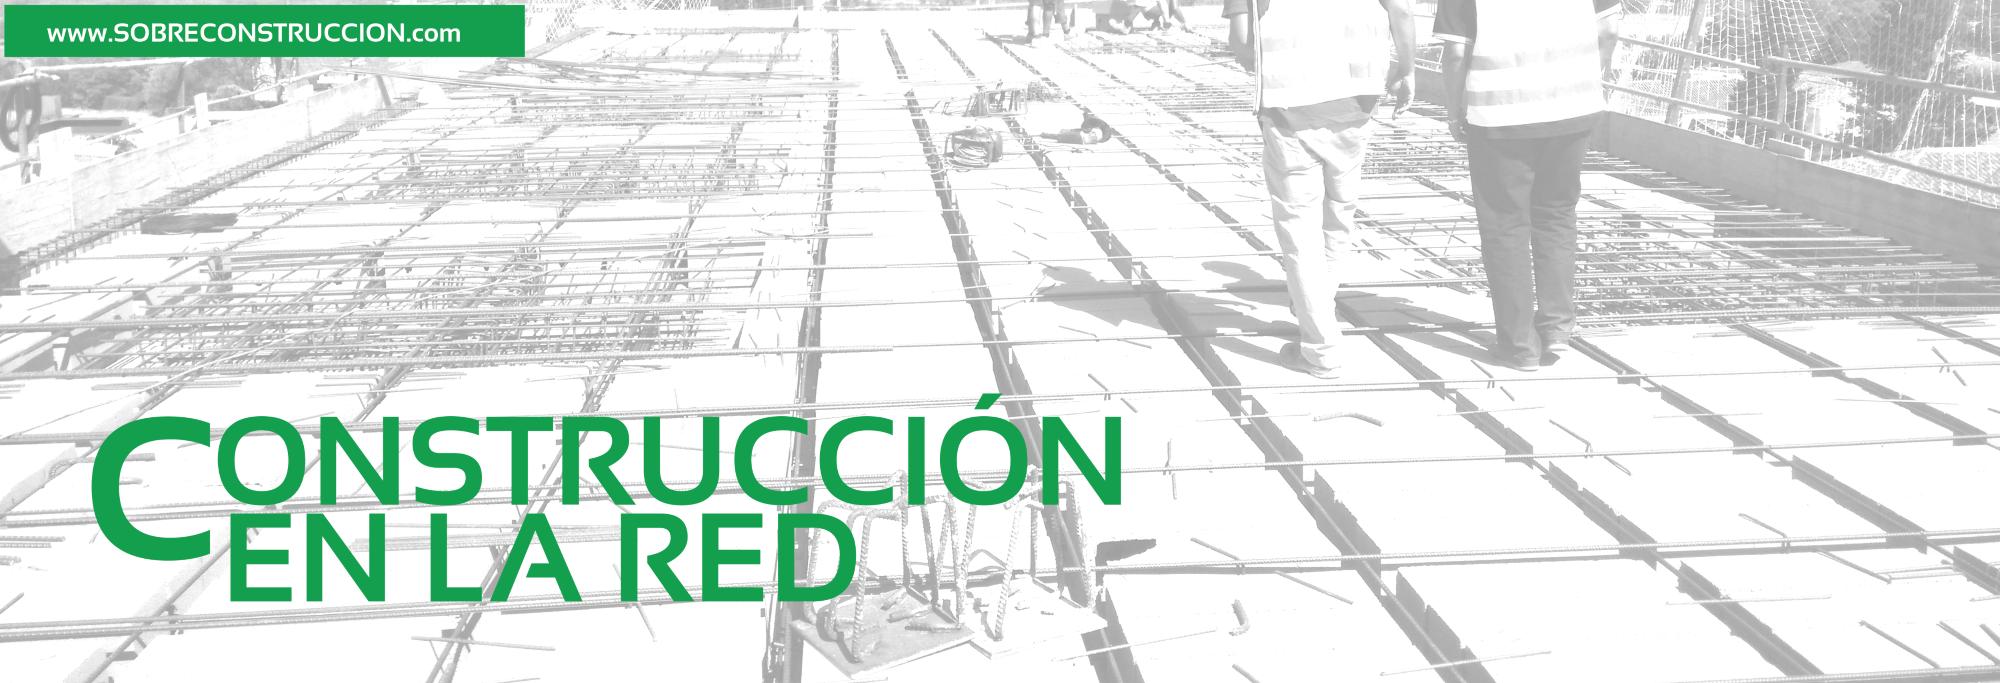 Construcci%c3%b3n-en-la-red-1